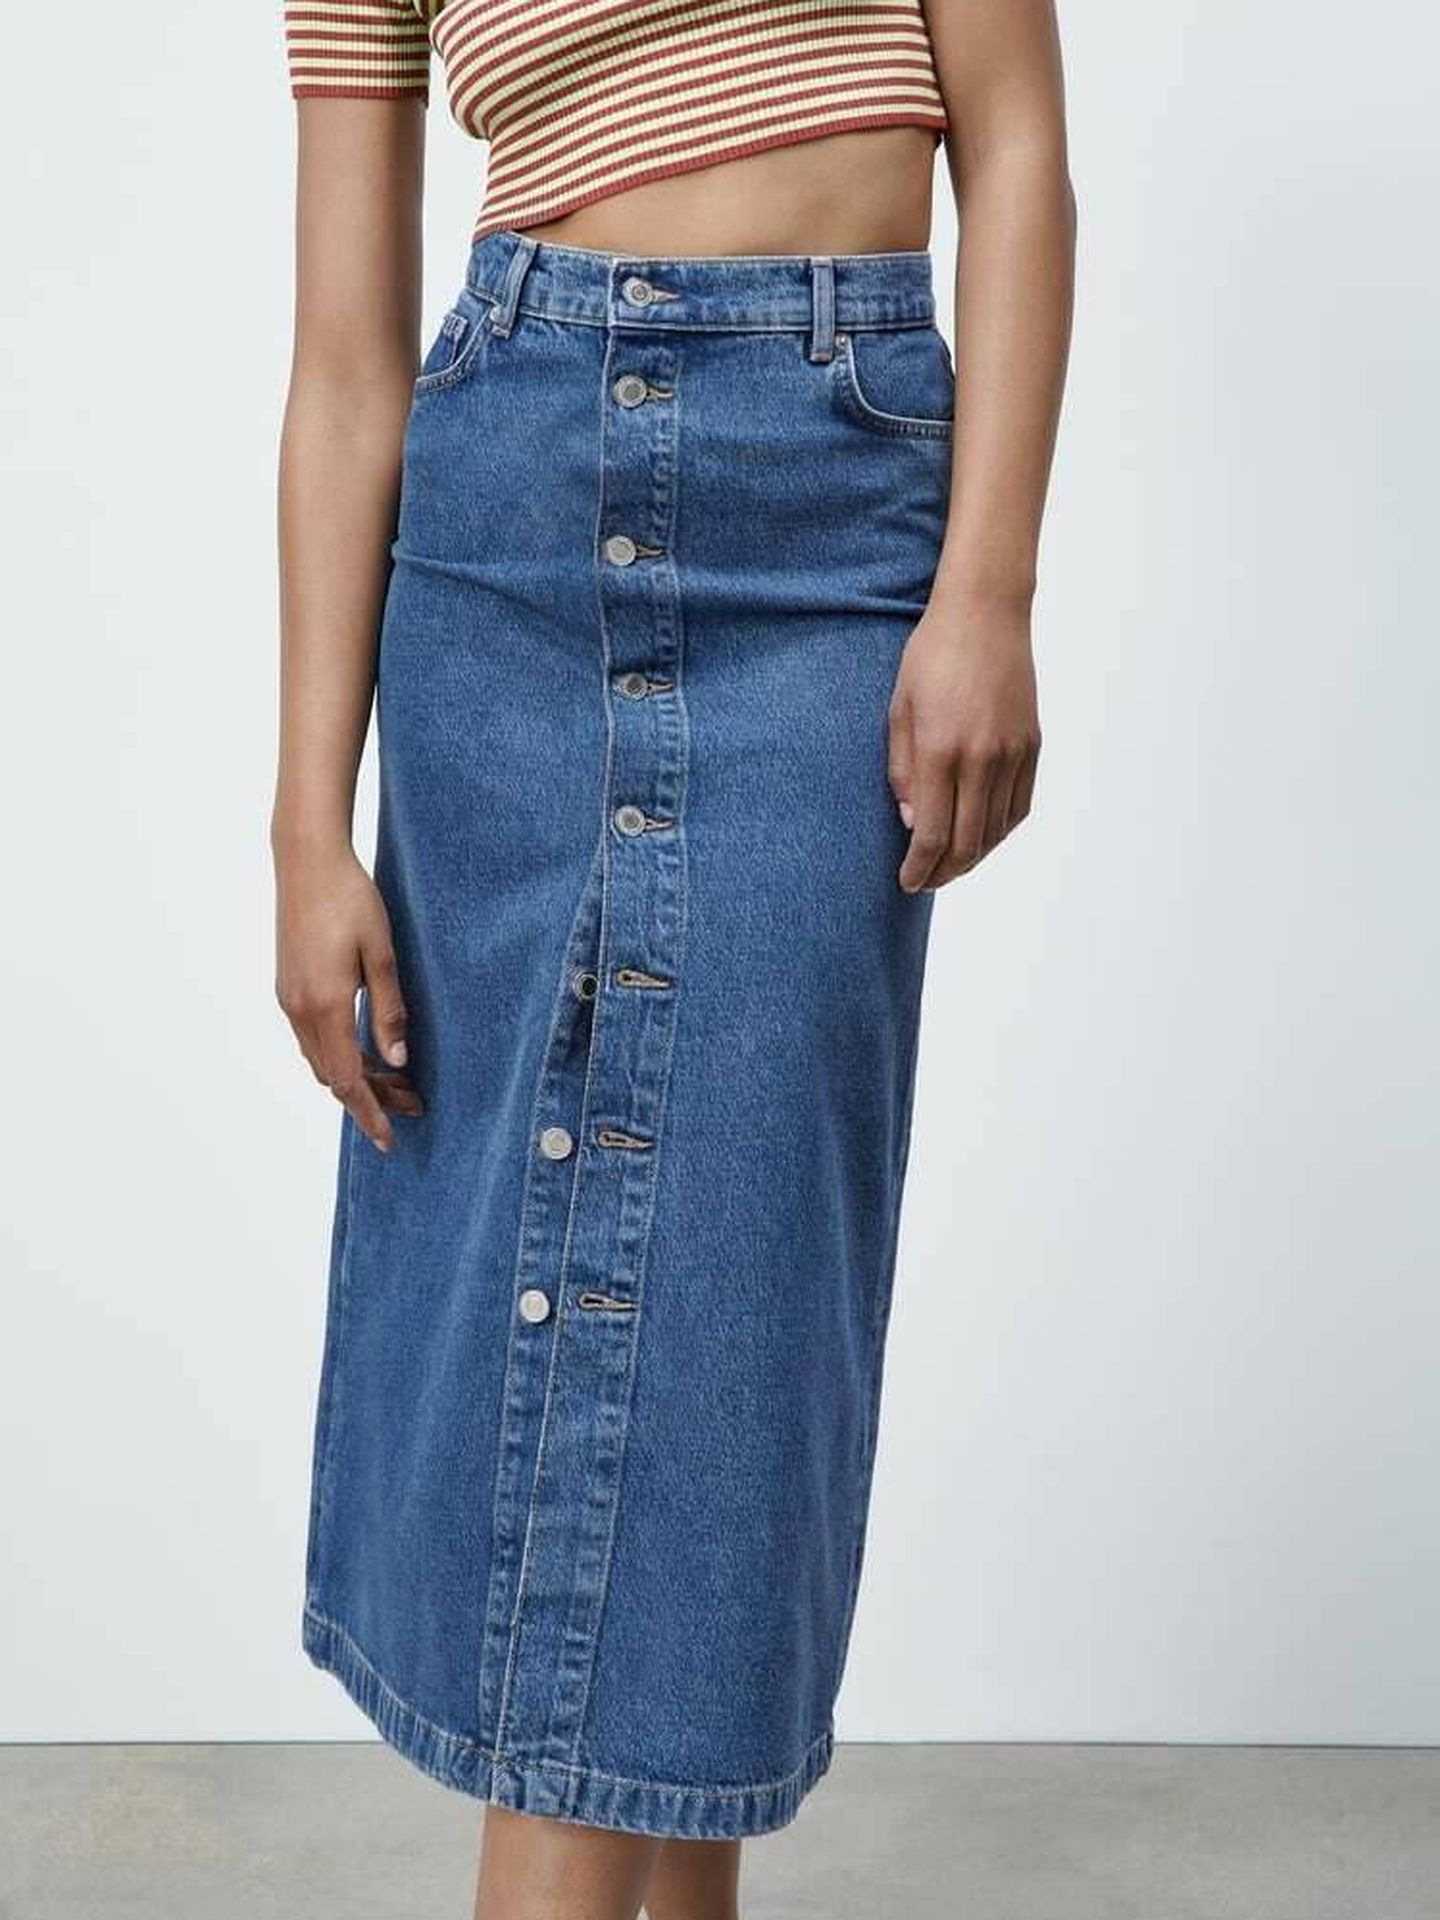 Falda midi de Zara. (Cortesía)